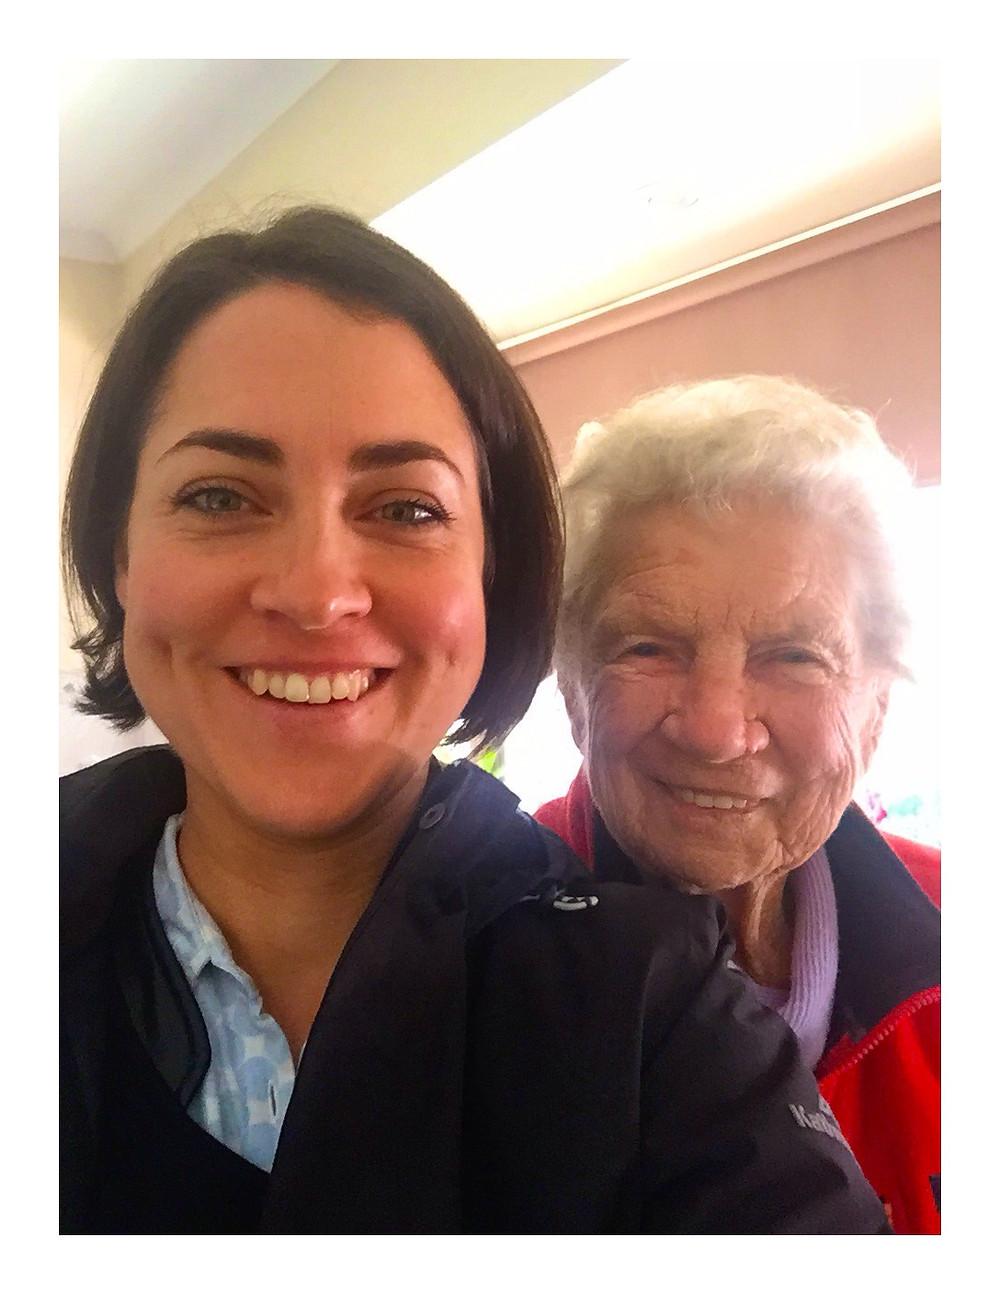 My friend - Aunty Greta